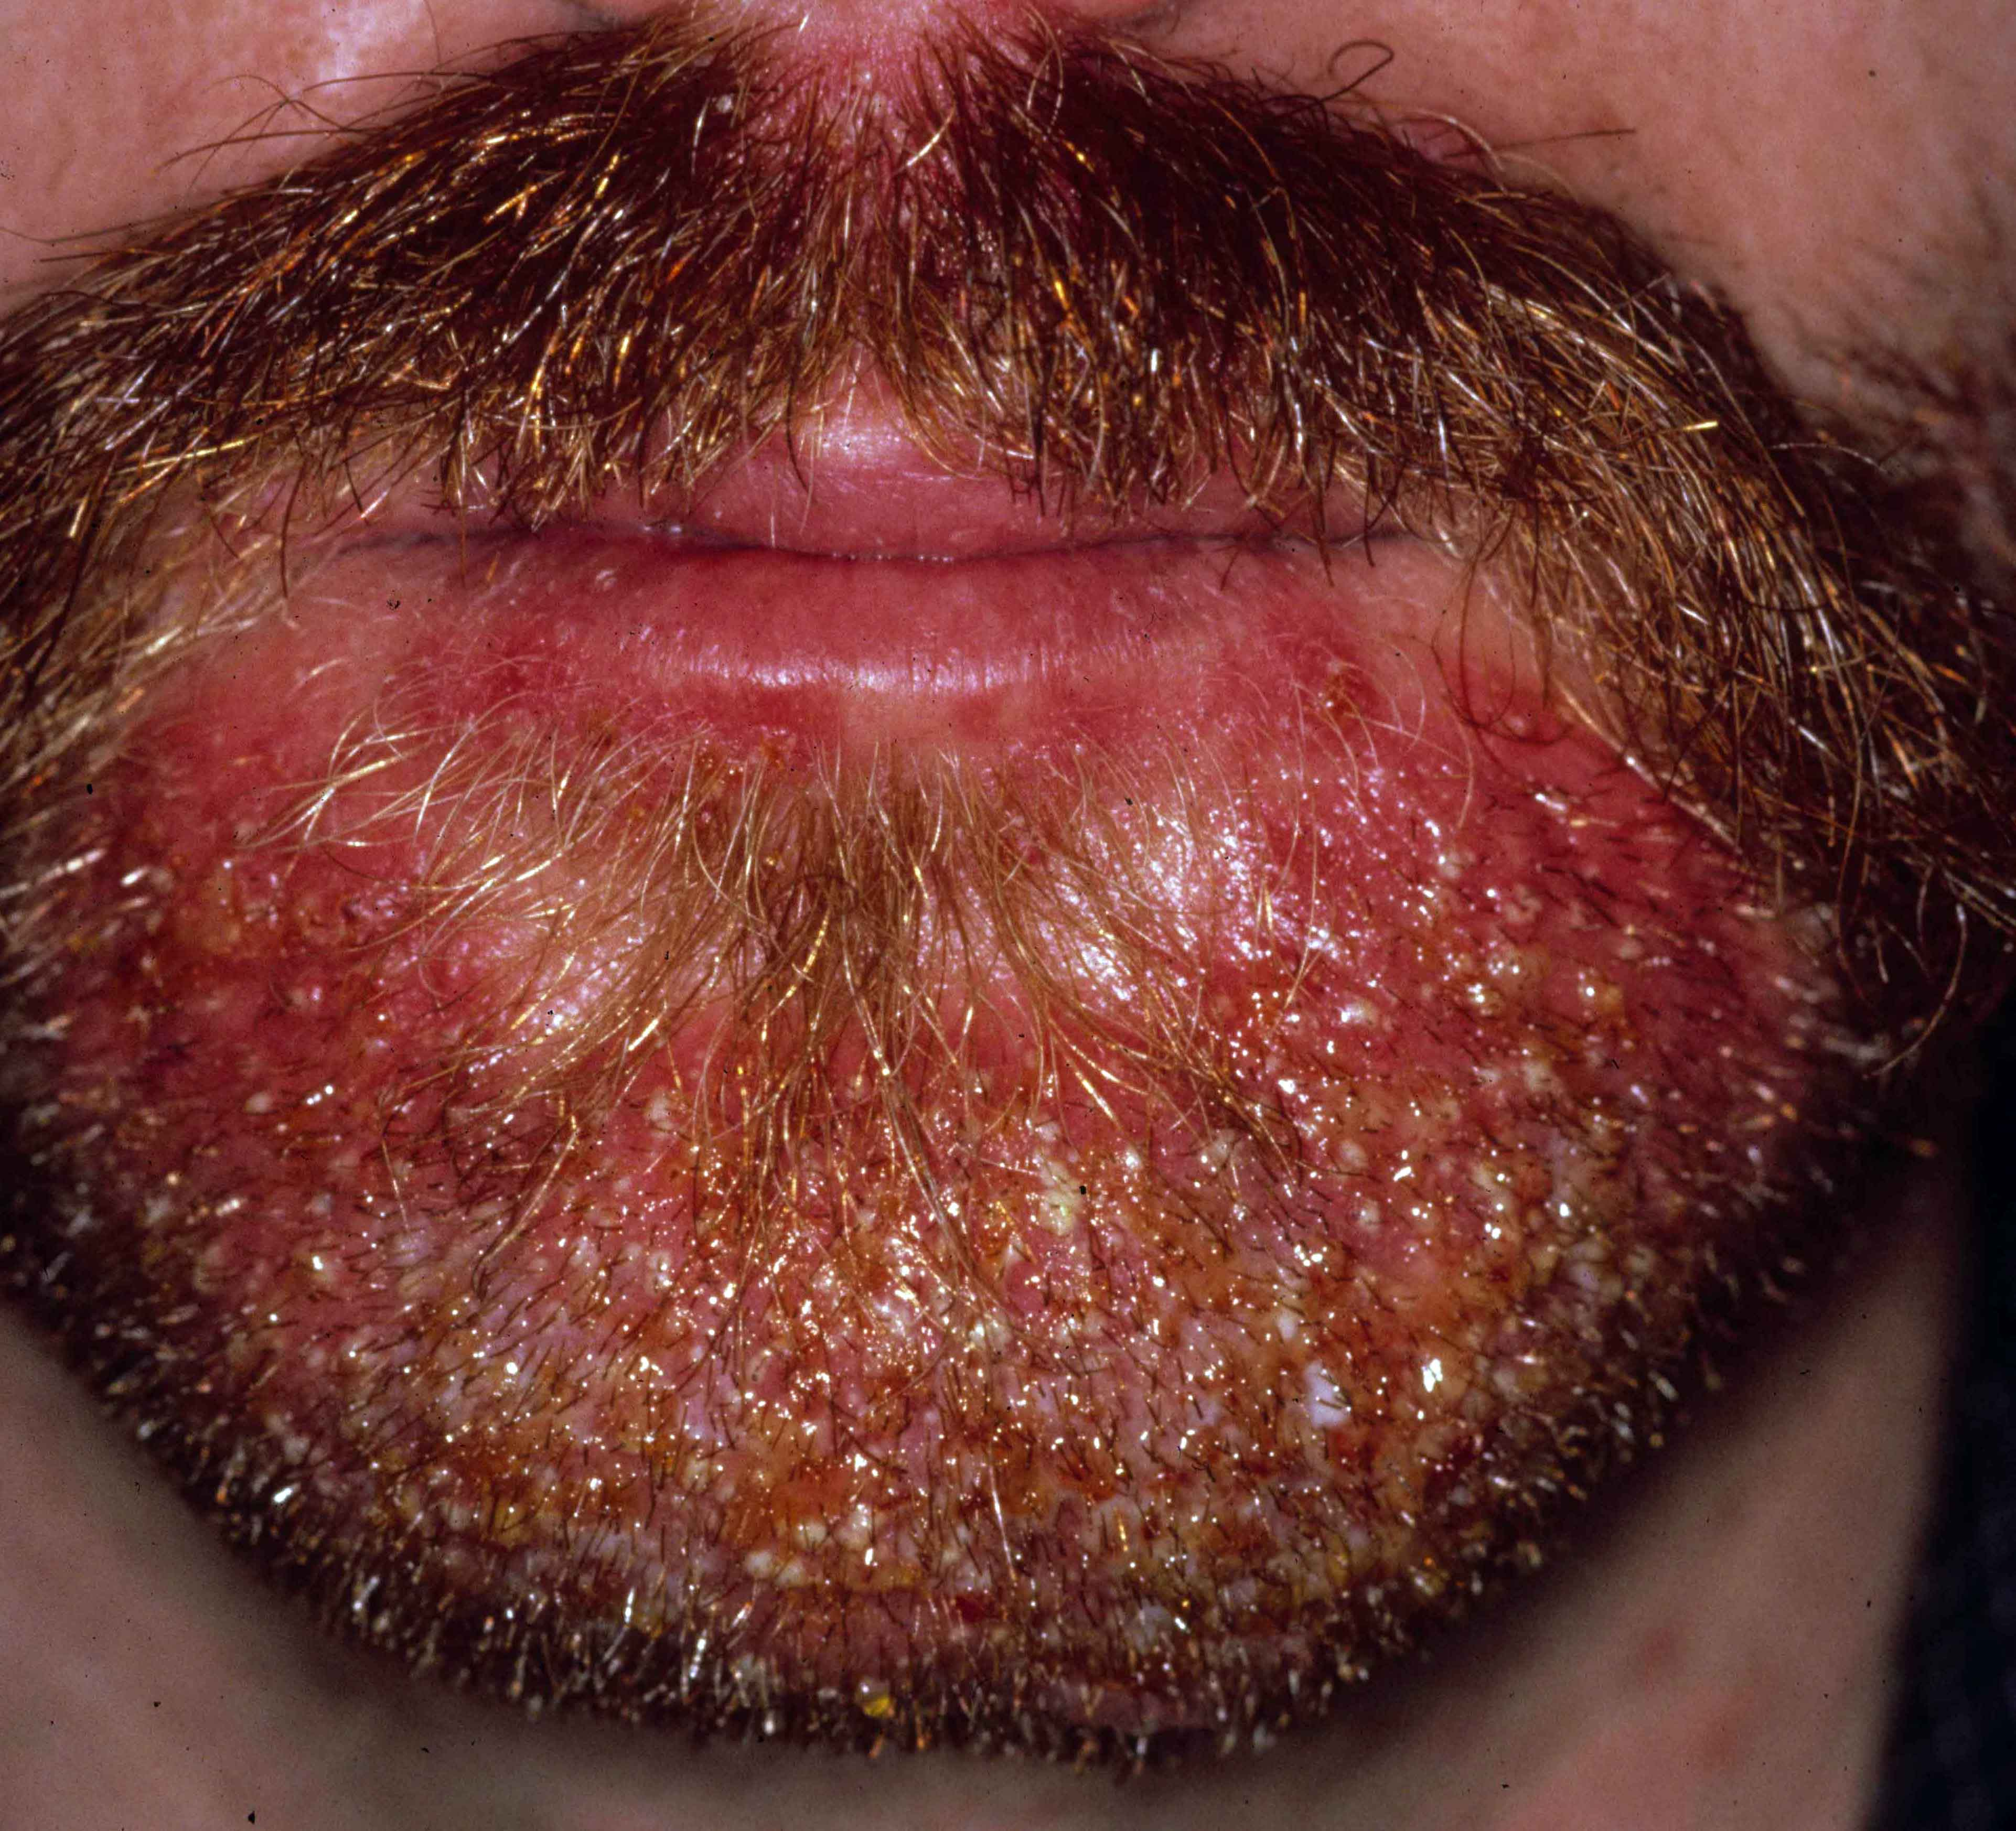 Folliculitis, Acute Bacterial [Bockhart's Impetigo, Superficial